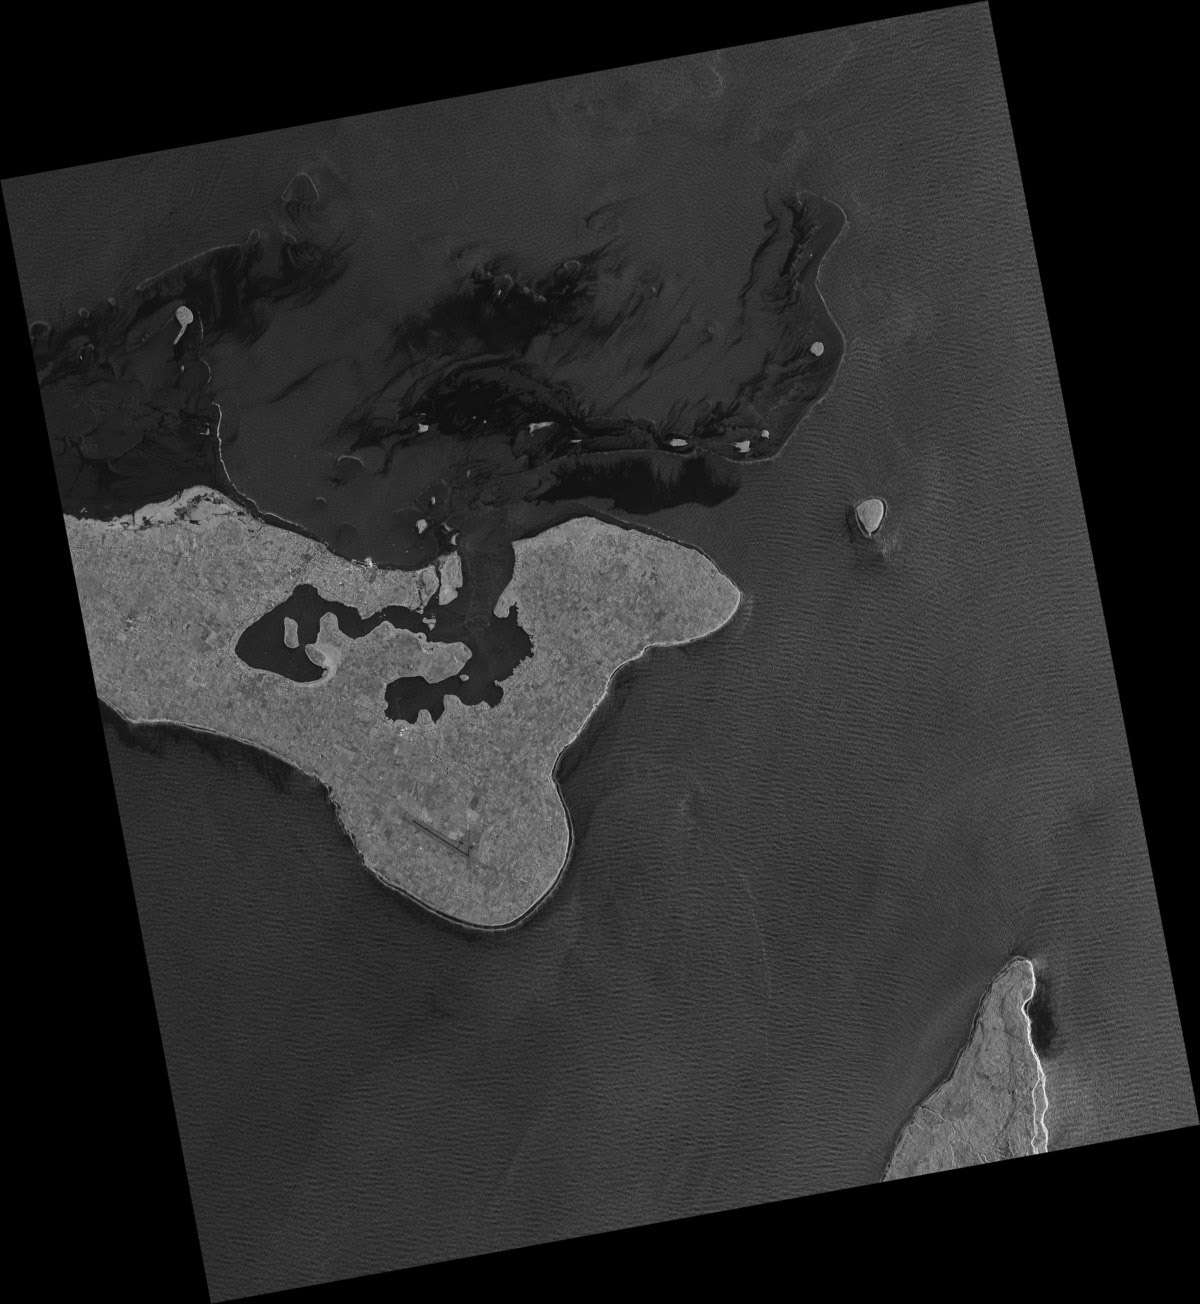 Aujourd'hui, Cosmo-SkyMed fournit environ 1.800 images, de jour comme de nuit et quelle que soit la couverture nuageuse. Cette image montre Nuku'alofa, la capitale des îles Tonga. © Agence spatiale italienne